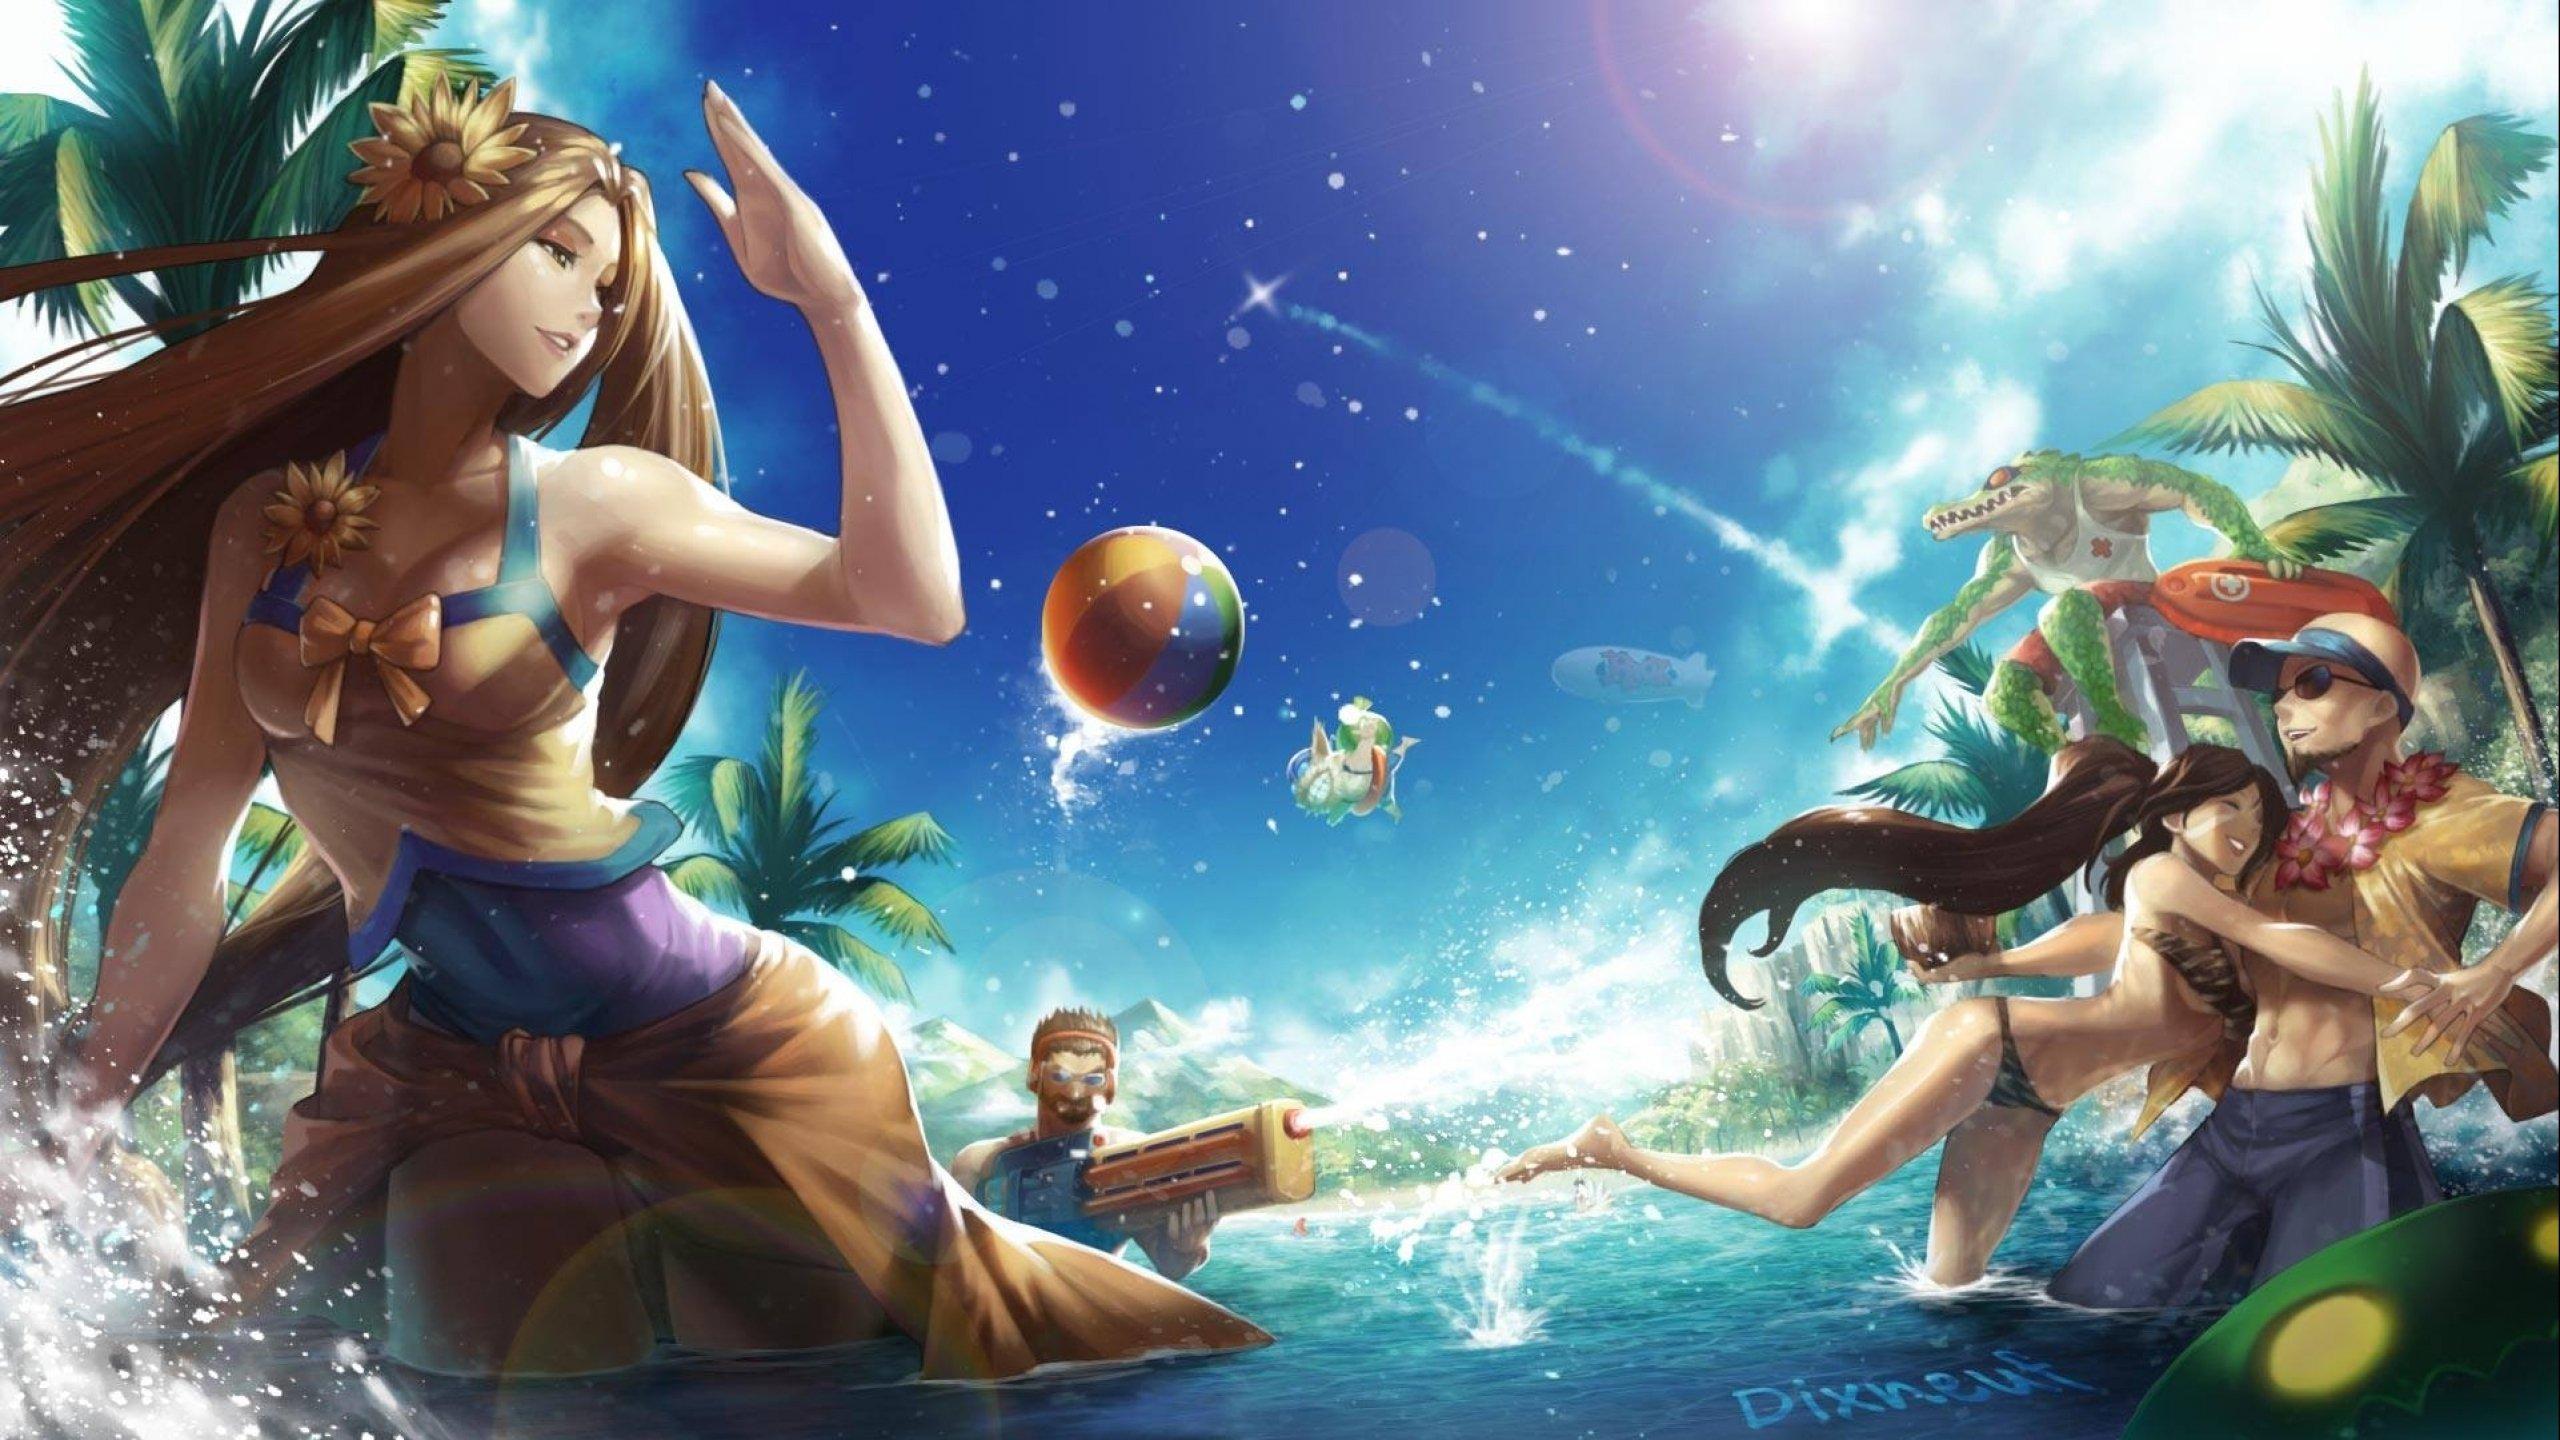 Pool Party Skins Fan Art - League of Legends Wallpapers